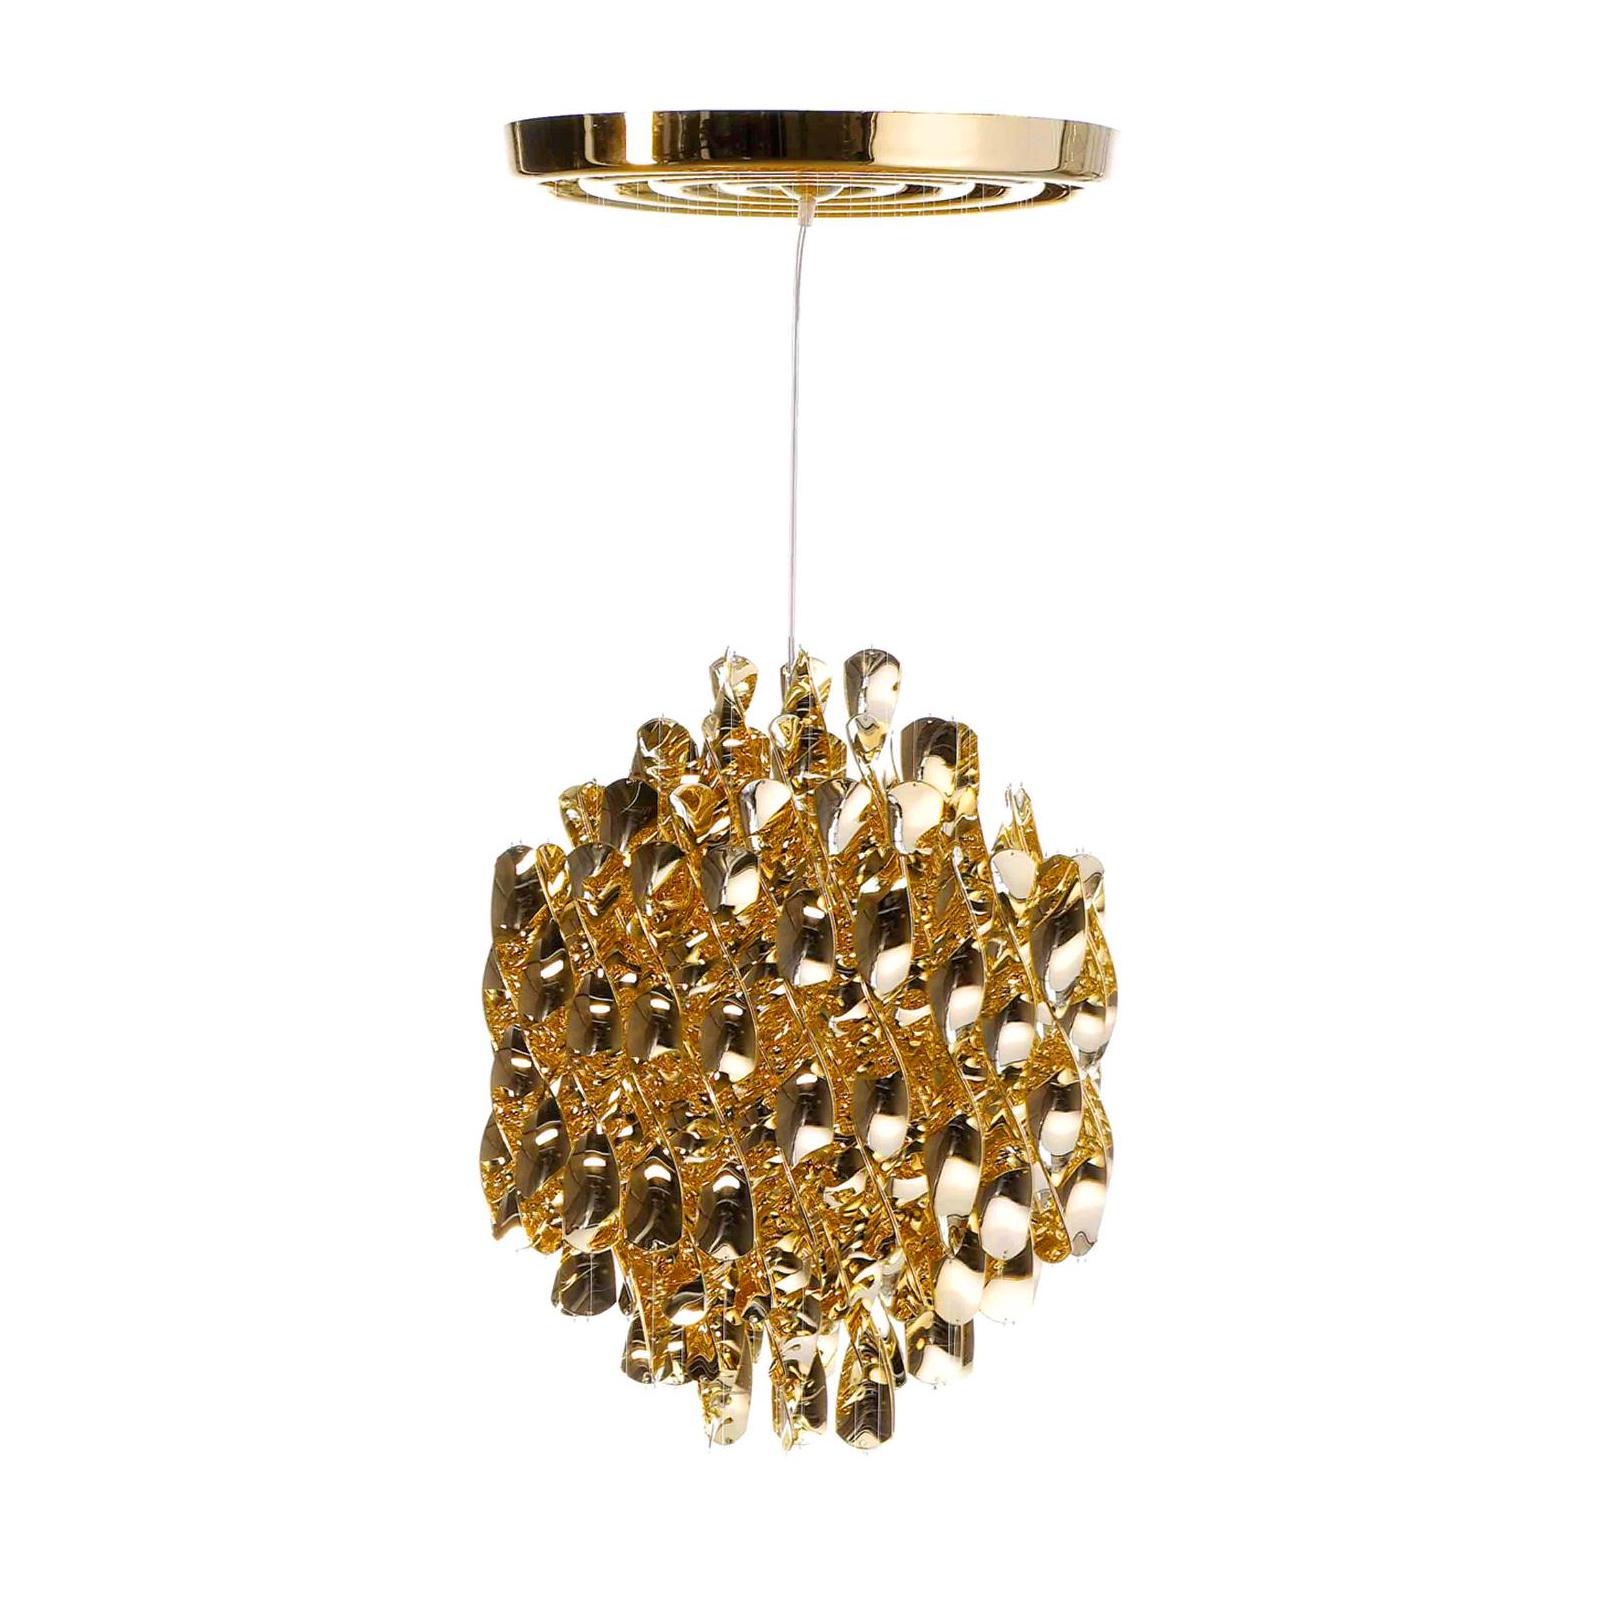 Подвесной светильник копия Spiral SP01 by Verpan Panton (золотой)